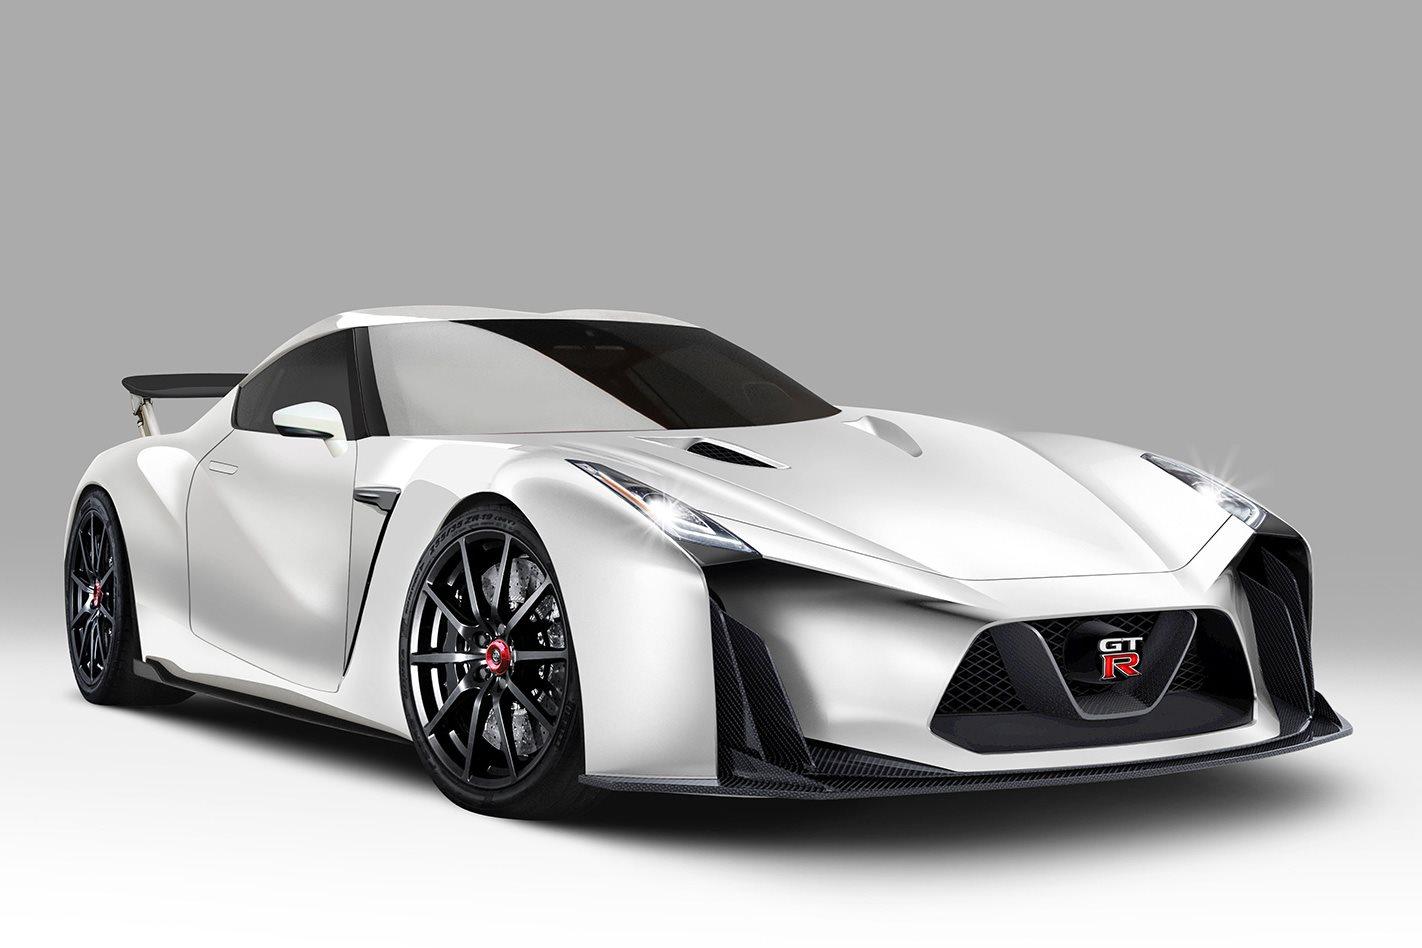 next generation nissan gt r r36 concept car motor. Black Bedroom Furniture Sets. Home Design Ideas